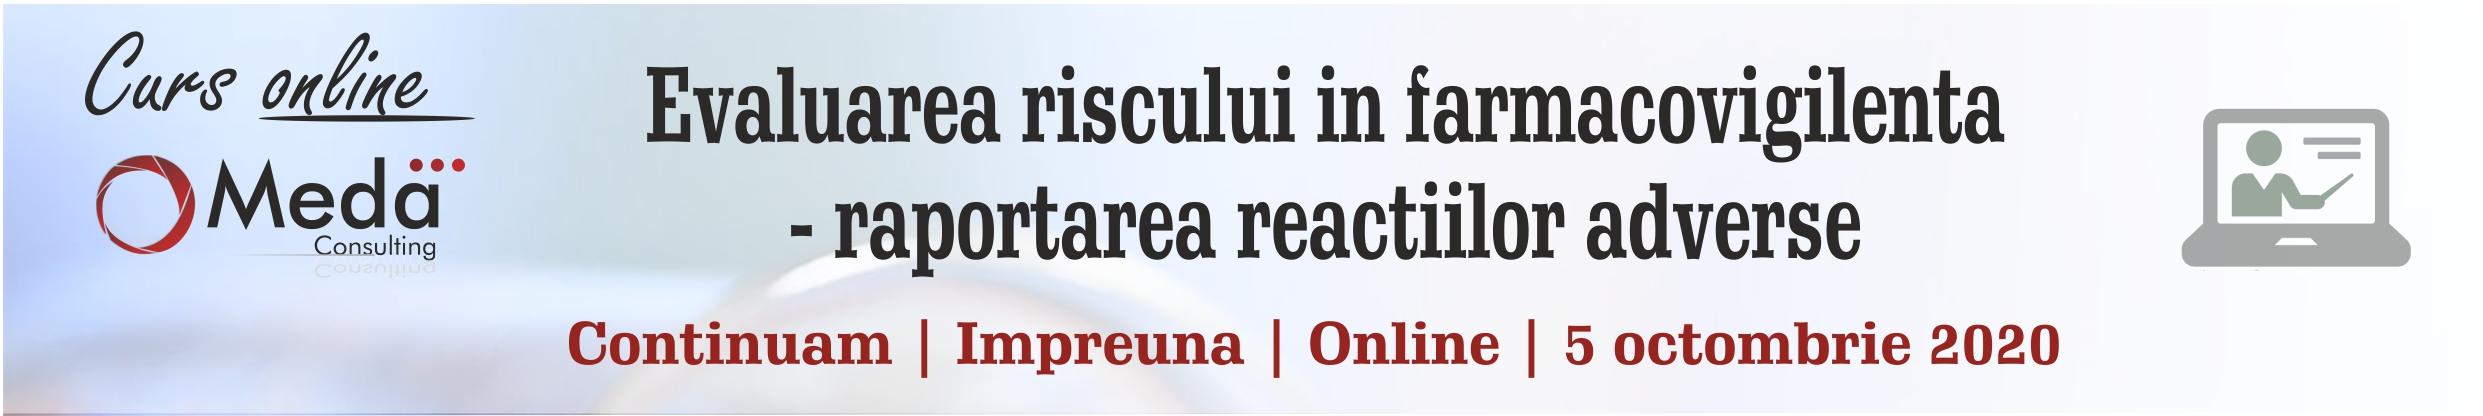 Evaluarea riscului in farmacovigilenta - raportarea reactiilor adverse